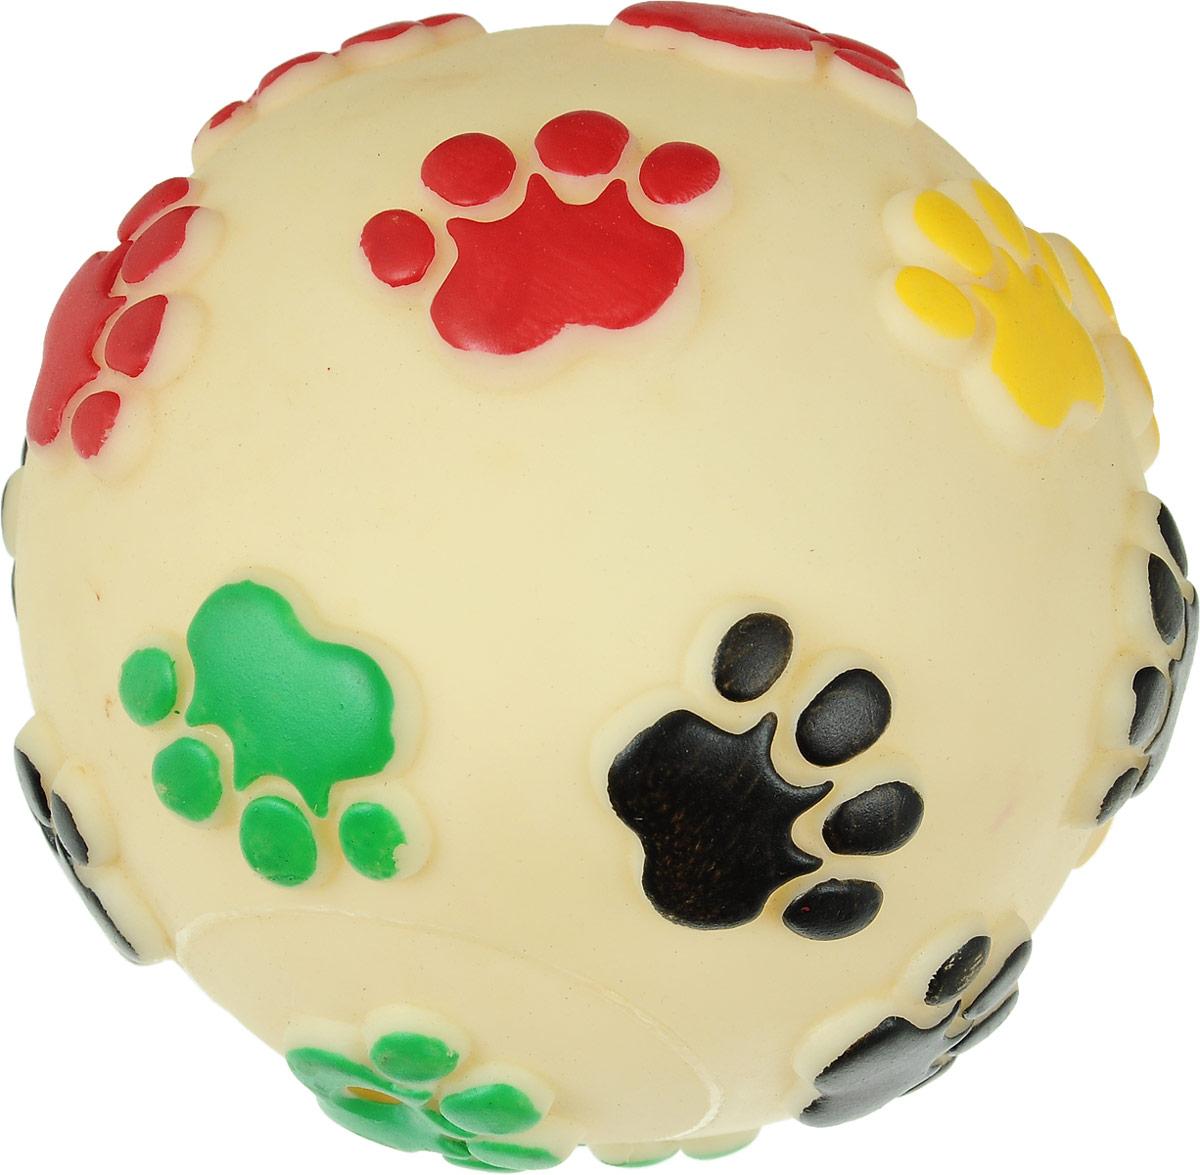 Игрушка для животных Каскад Мяч. Лапки, цвет: молочный, черный, зеленый, с пищалкой, диаметр 12,5 см27799310Игрушка Каскад Мяч. Лапки изготовлена из прочной и долговечной резины, устойчивой к разгрызанию. Необычная и забавная игрушка прекрасно подойдет для собак, любящих игрушки с пищалками. Такая игрушка порадует вашего любимца, а вам доставит массу приятных эмоций, ведь наблюдать за игрой всегда интересно и приятно. Диаметр: 12,5 см.